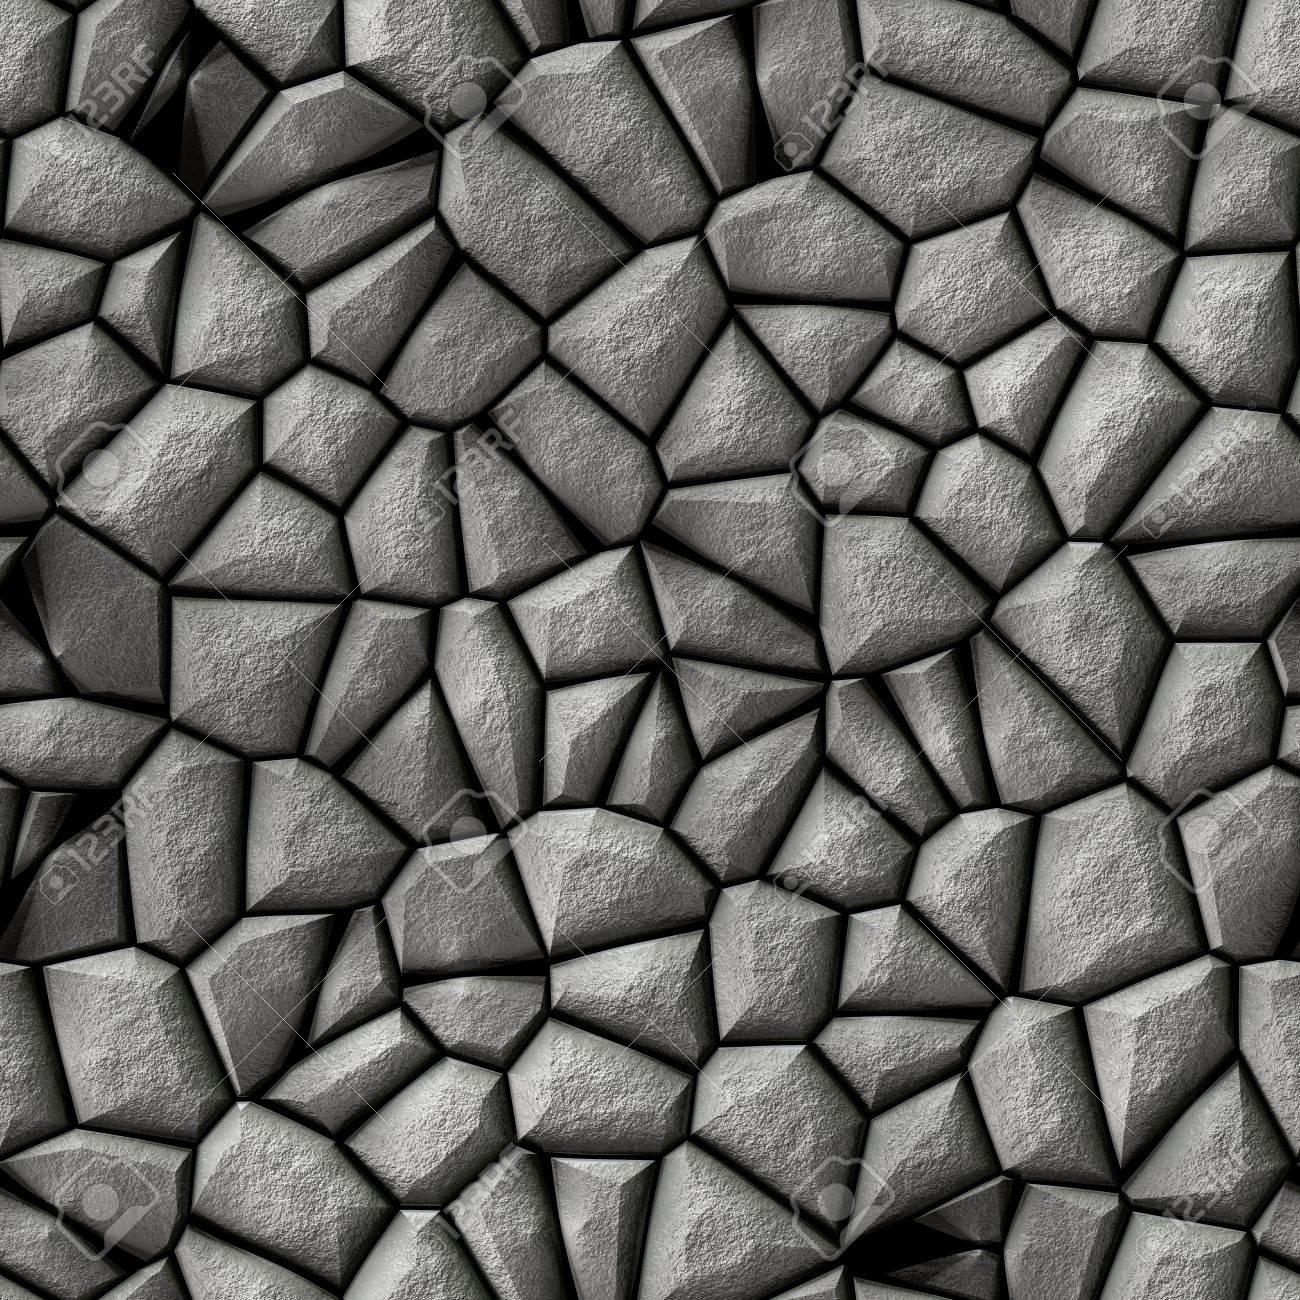 pflastersteine unregelmigen mosaik muster textur nahtlose hintergrund pflaster hellgrau gefrbt standard bild - Pflastersteine Muster Bilder